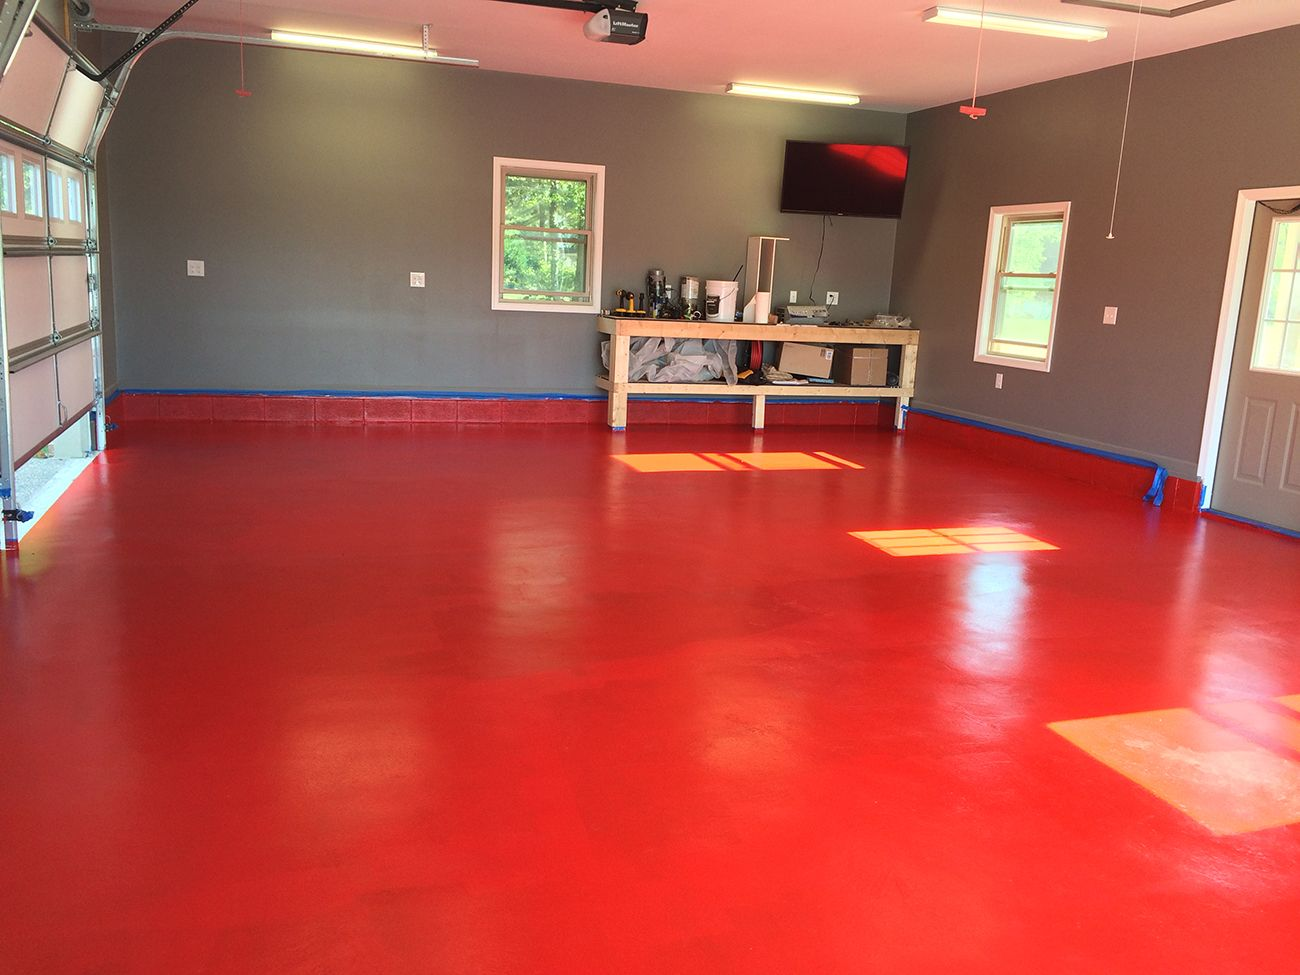 Polyurea Garage Floor Coating Kits All Weather Floors Garage Floor Tiles Garage Flooring Options Garage Floor